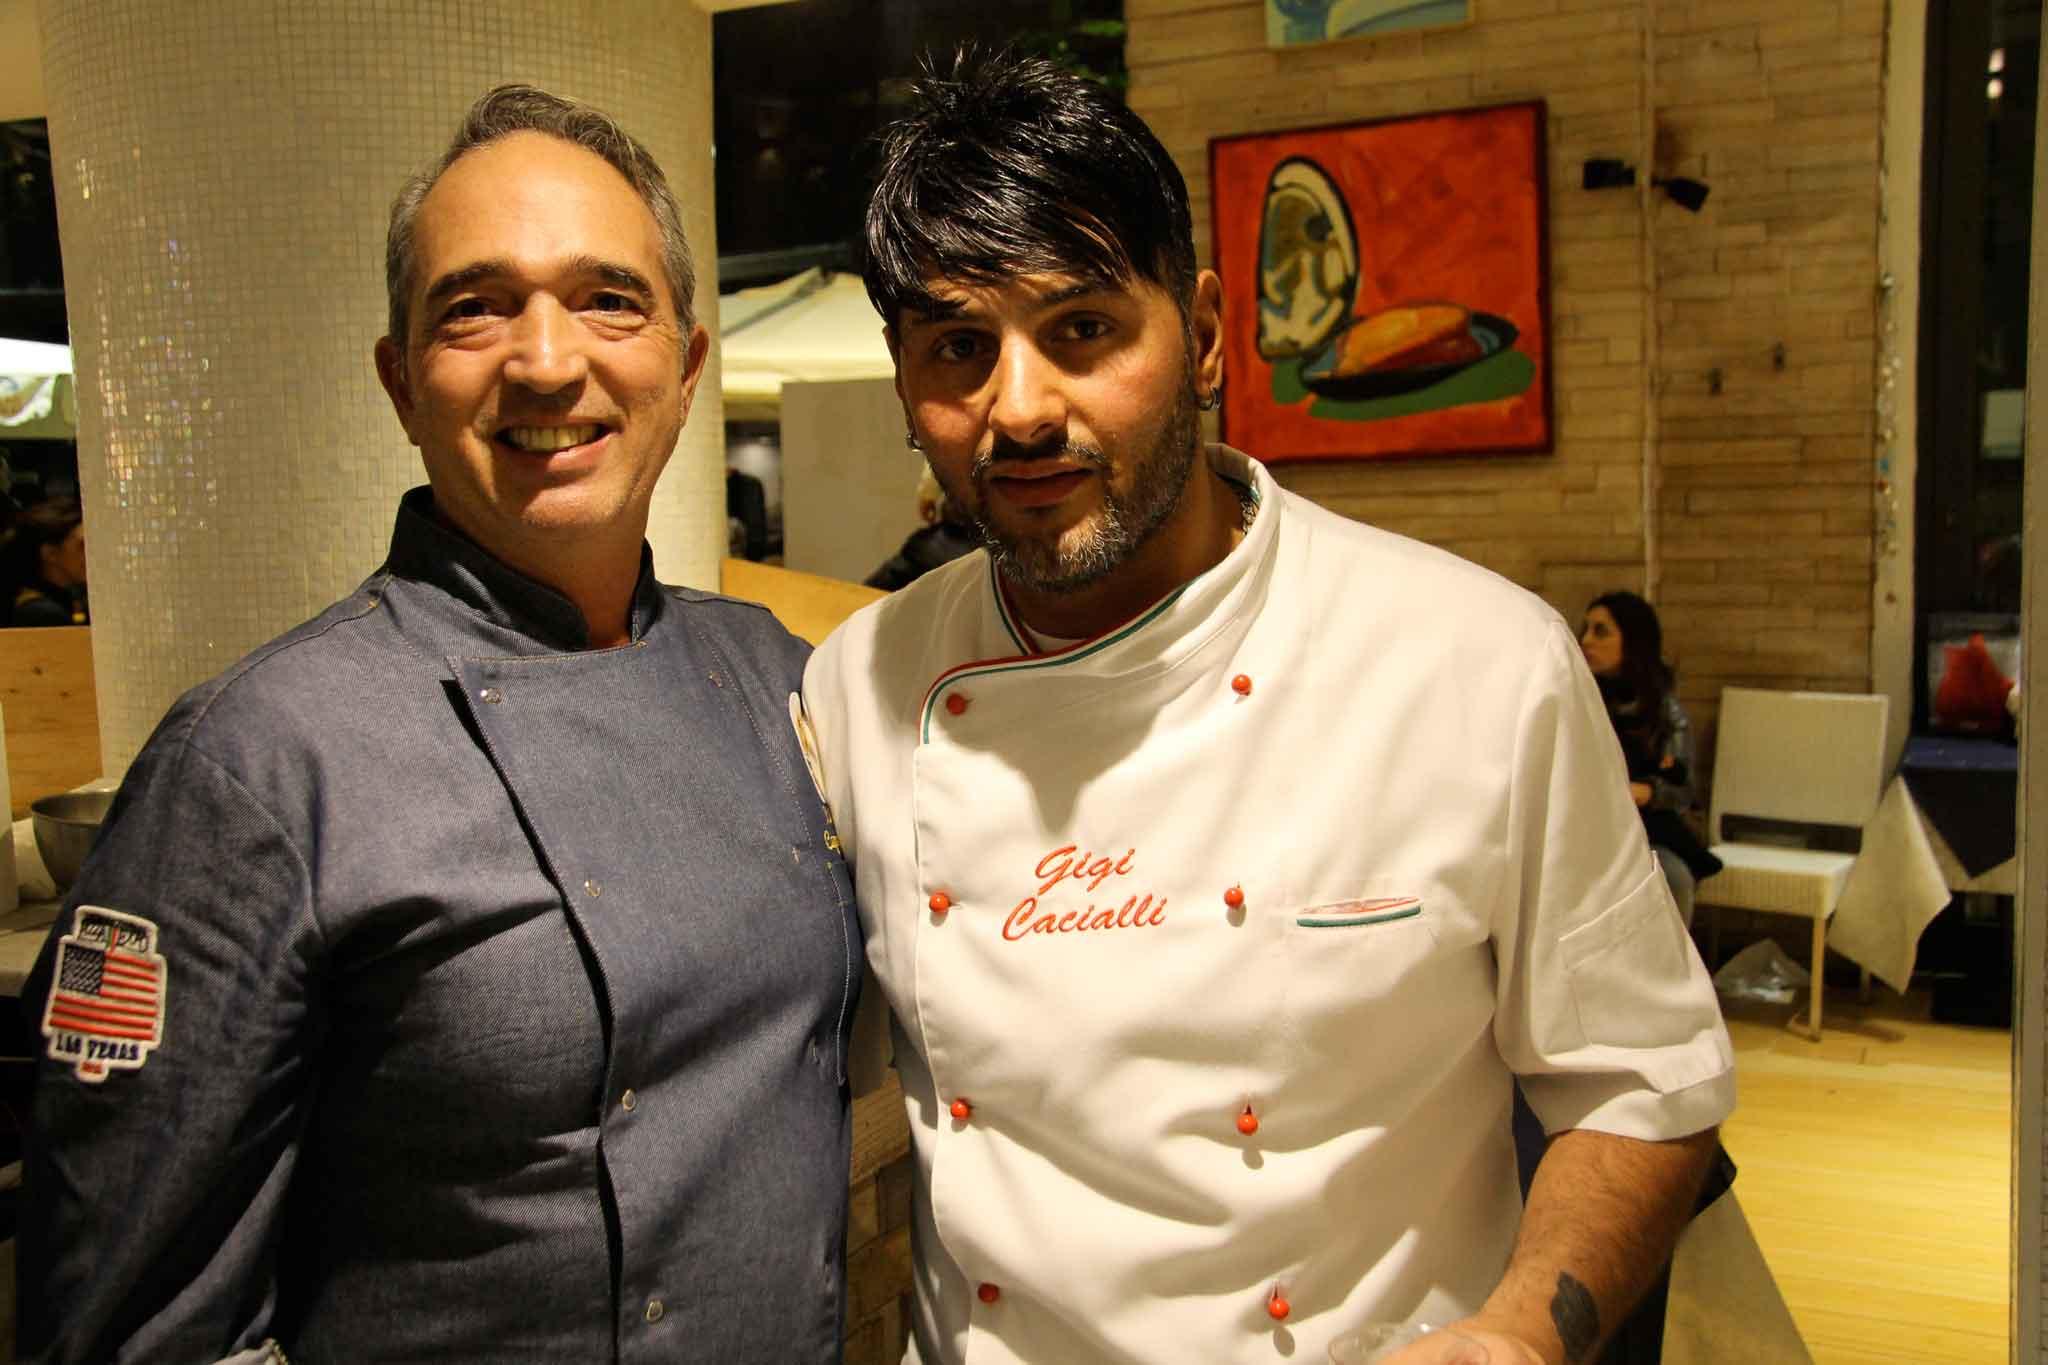 Luigi Capuano e Gigi Cacialli